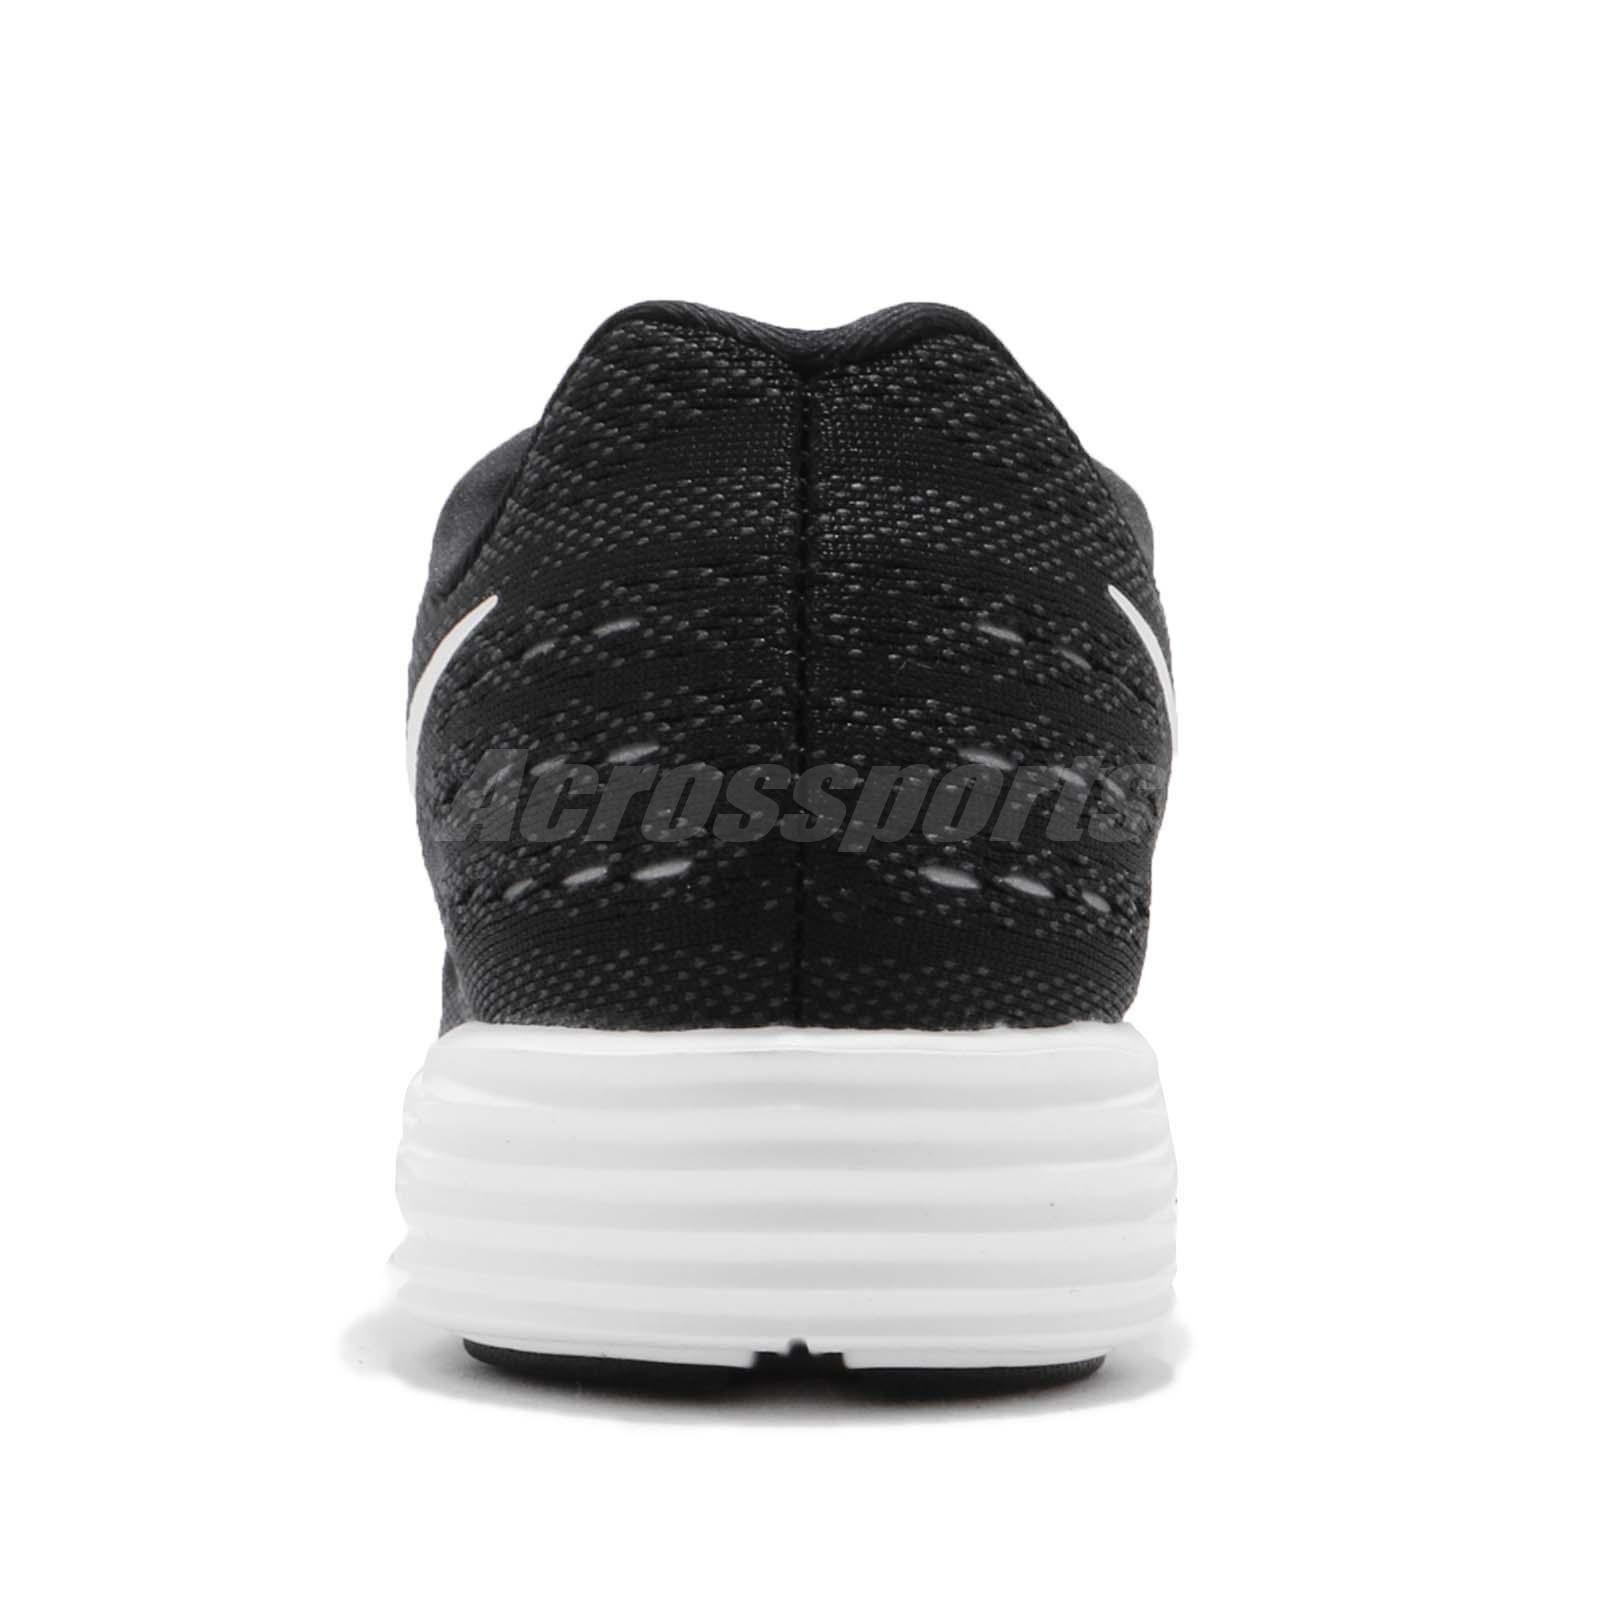 Nike Da Donna lunartempo 2 Running Scarpe da ginnastica 818098 Scarpe da ginnastica shoes 408